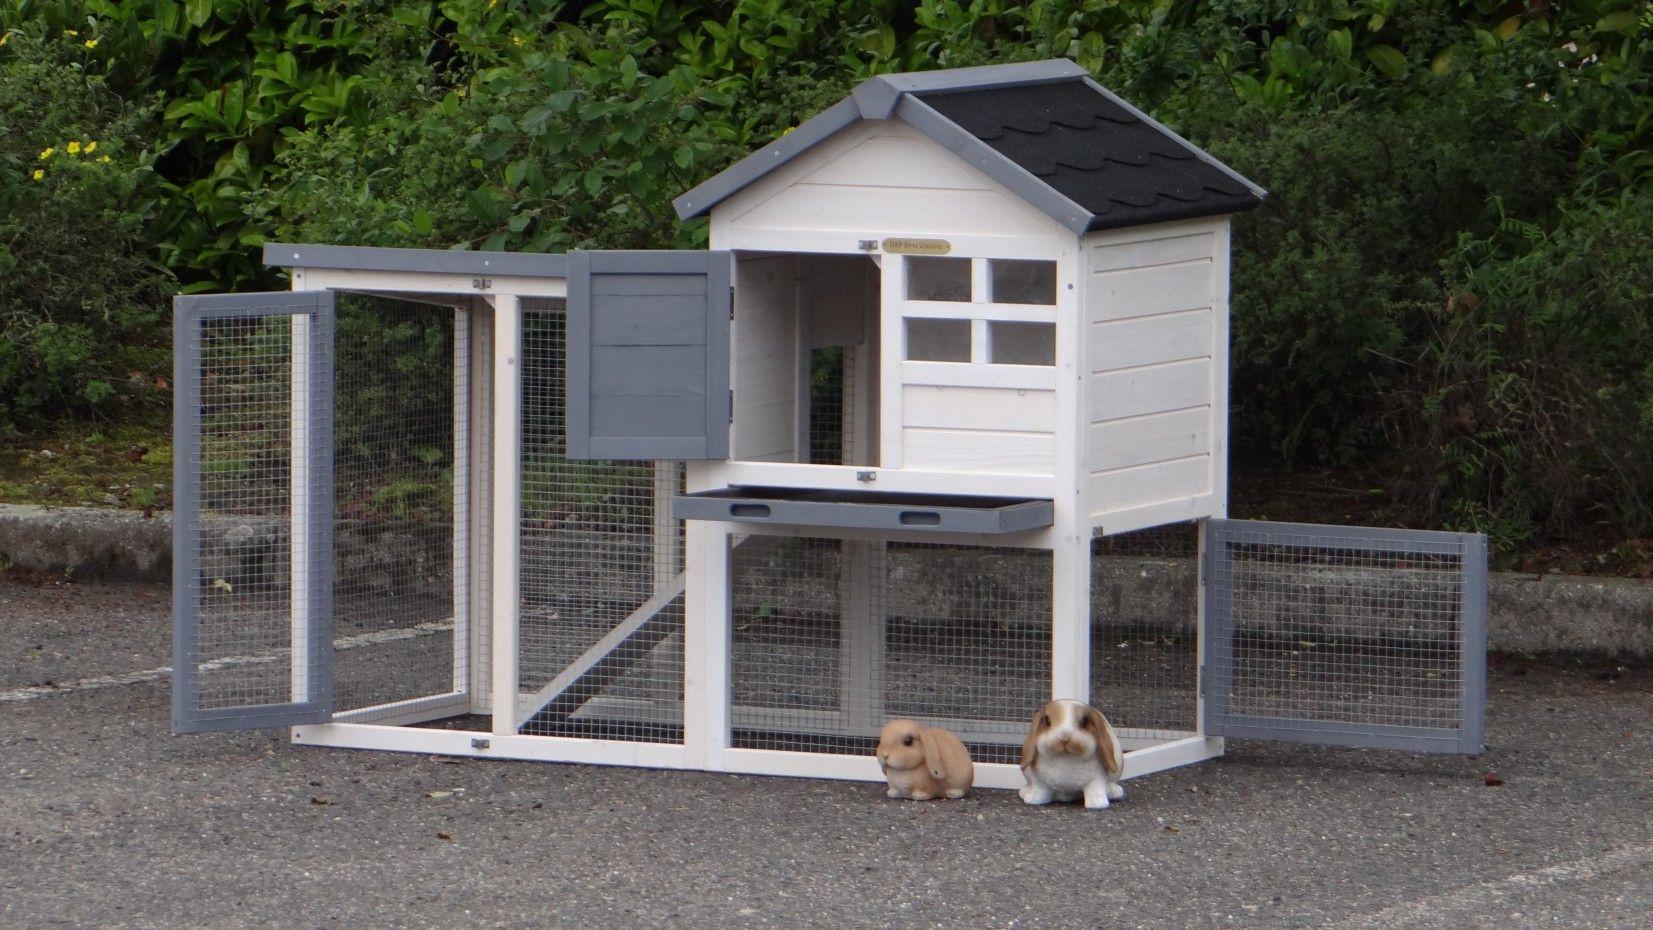 Kaninchenstall Advance Weiss Grau 122x62x93cm Kaninchenstall Kaninchen Und Freigehege